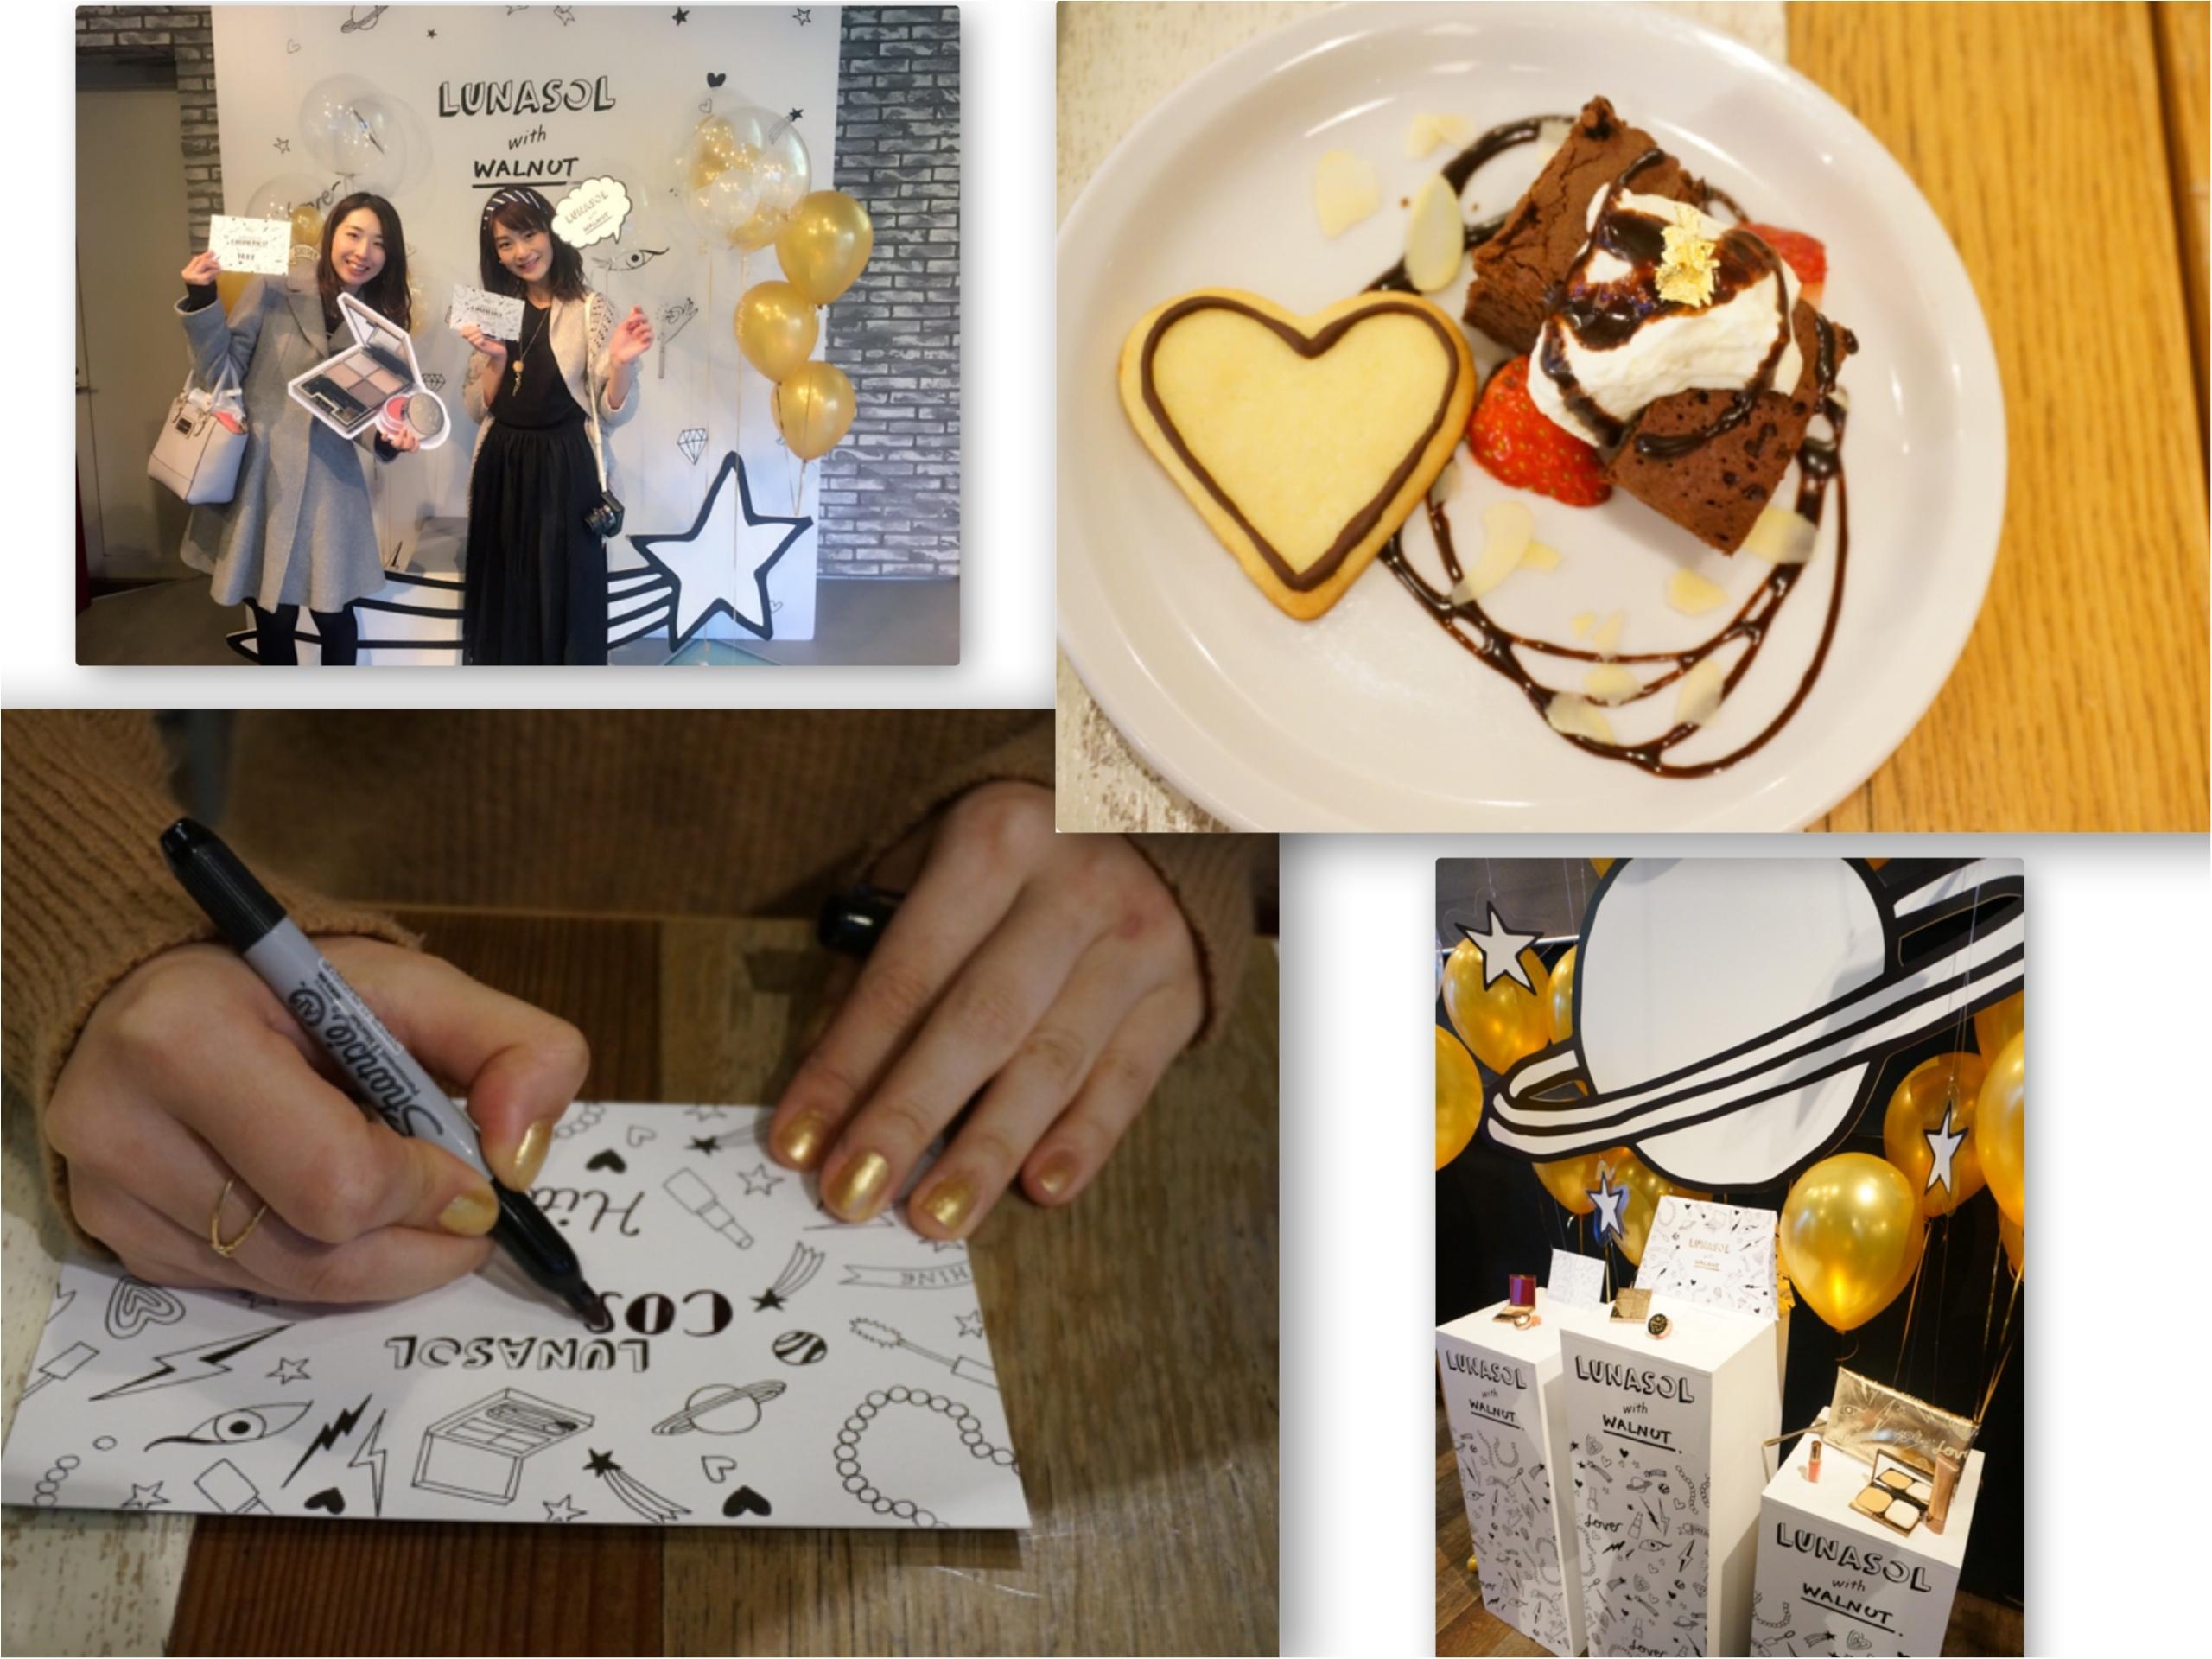 【LUNASOL-ルナソル-】大人気アイシャドウ10周年記念アイテムが可愛すぎるっ❤️《限定シークレットイベント》にいってきました!_9